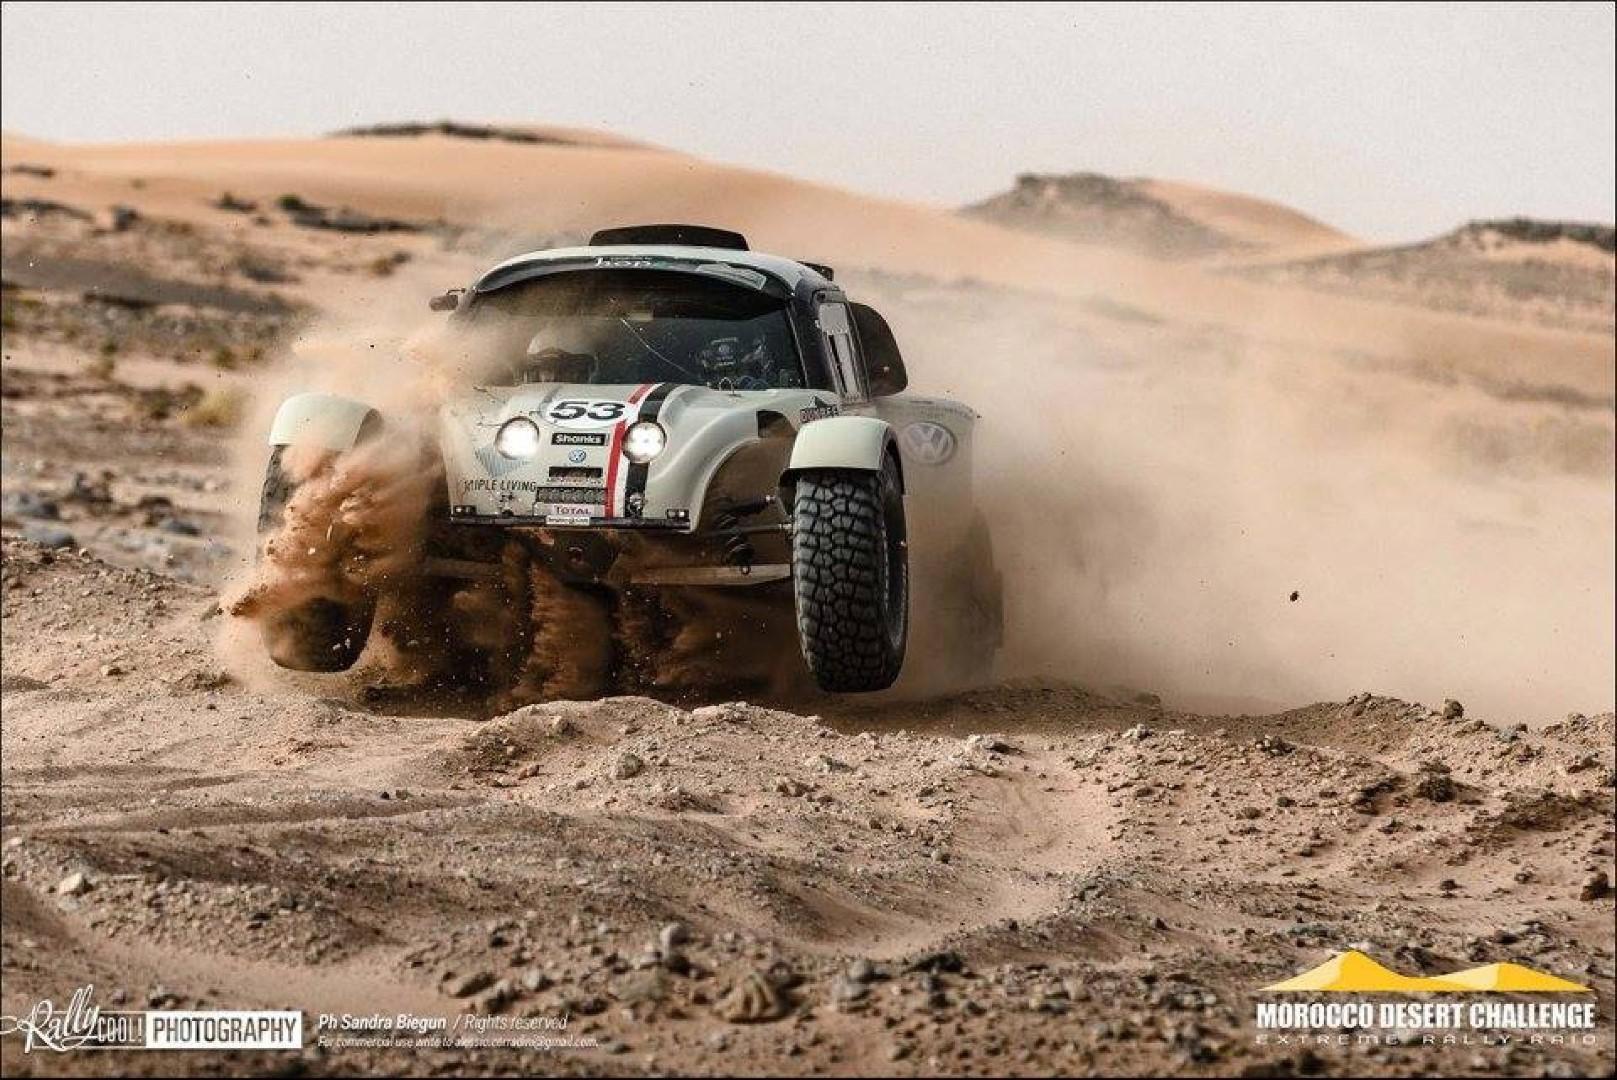 Morocco Desert chalenge 2018:  Une édition record ! (Gert Duson interview exclusive)